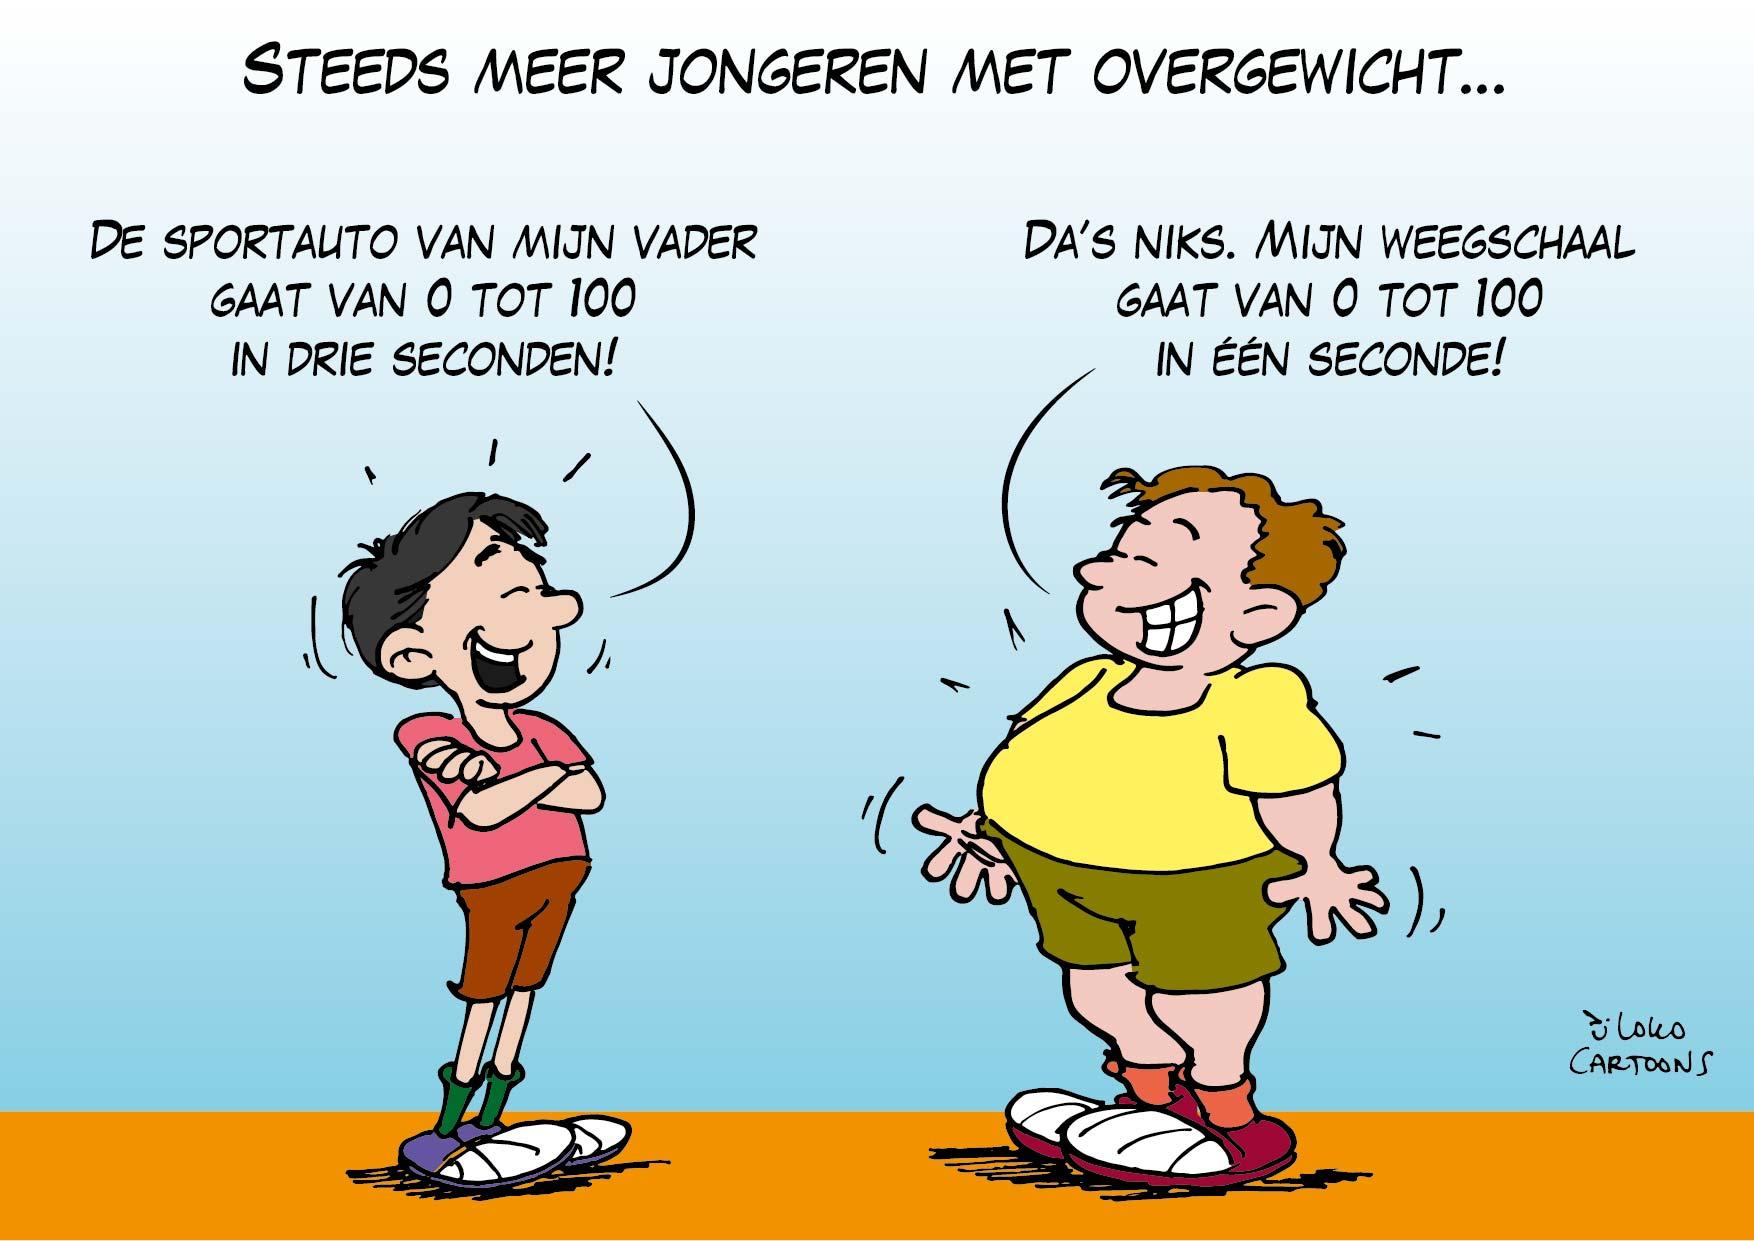 Steeds meer jongeren met overgewicht…